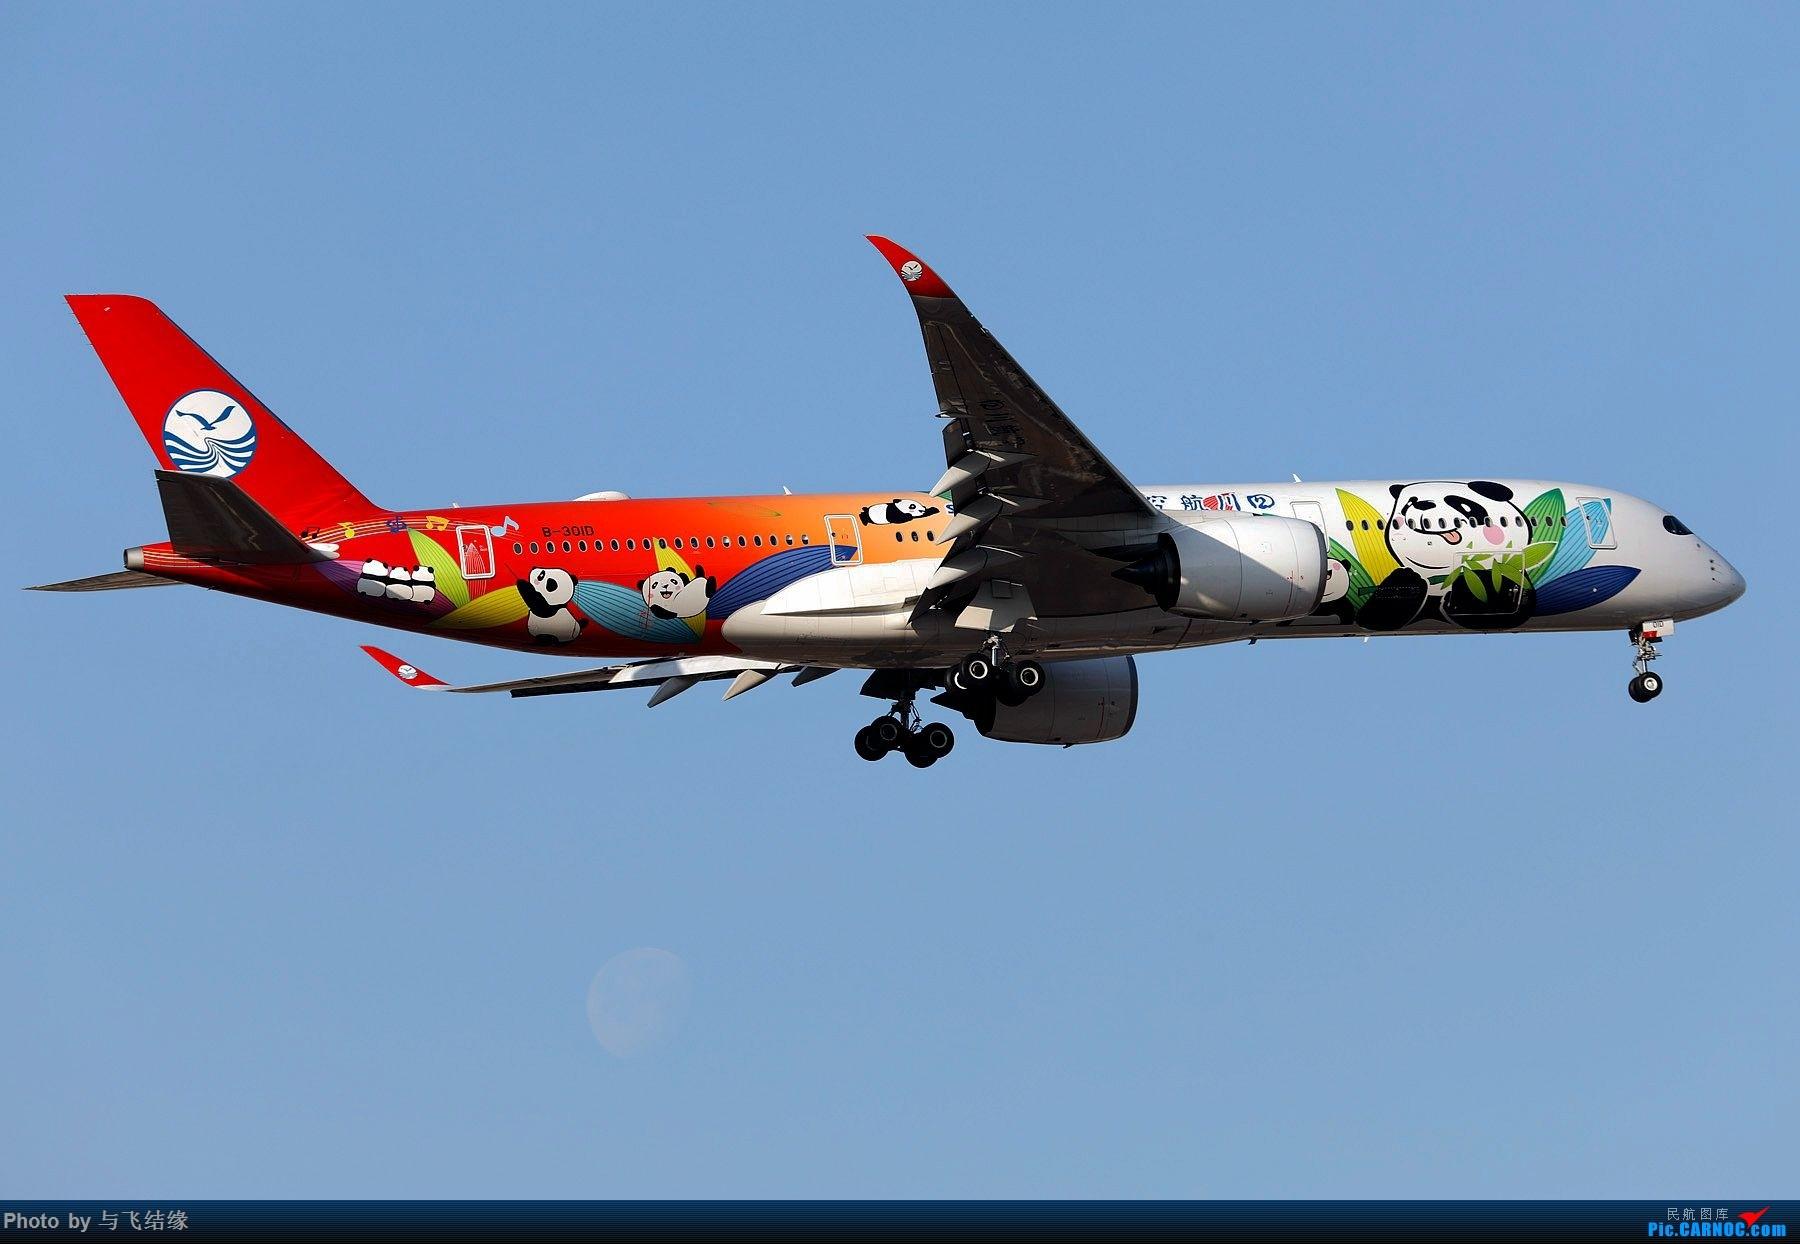 Re:[原创]今日是周末,月末,年末2018年最后一贴,预祝朋友们2019年新年快乐!万事如意! AIRBUS A350-900 B-301D 中国北京首都国际机场